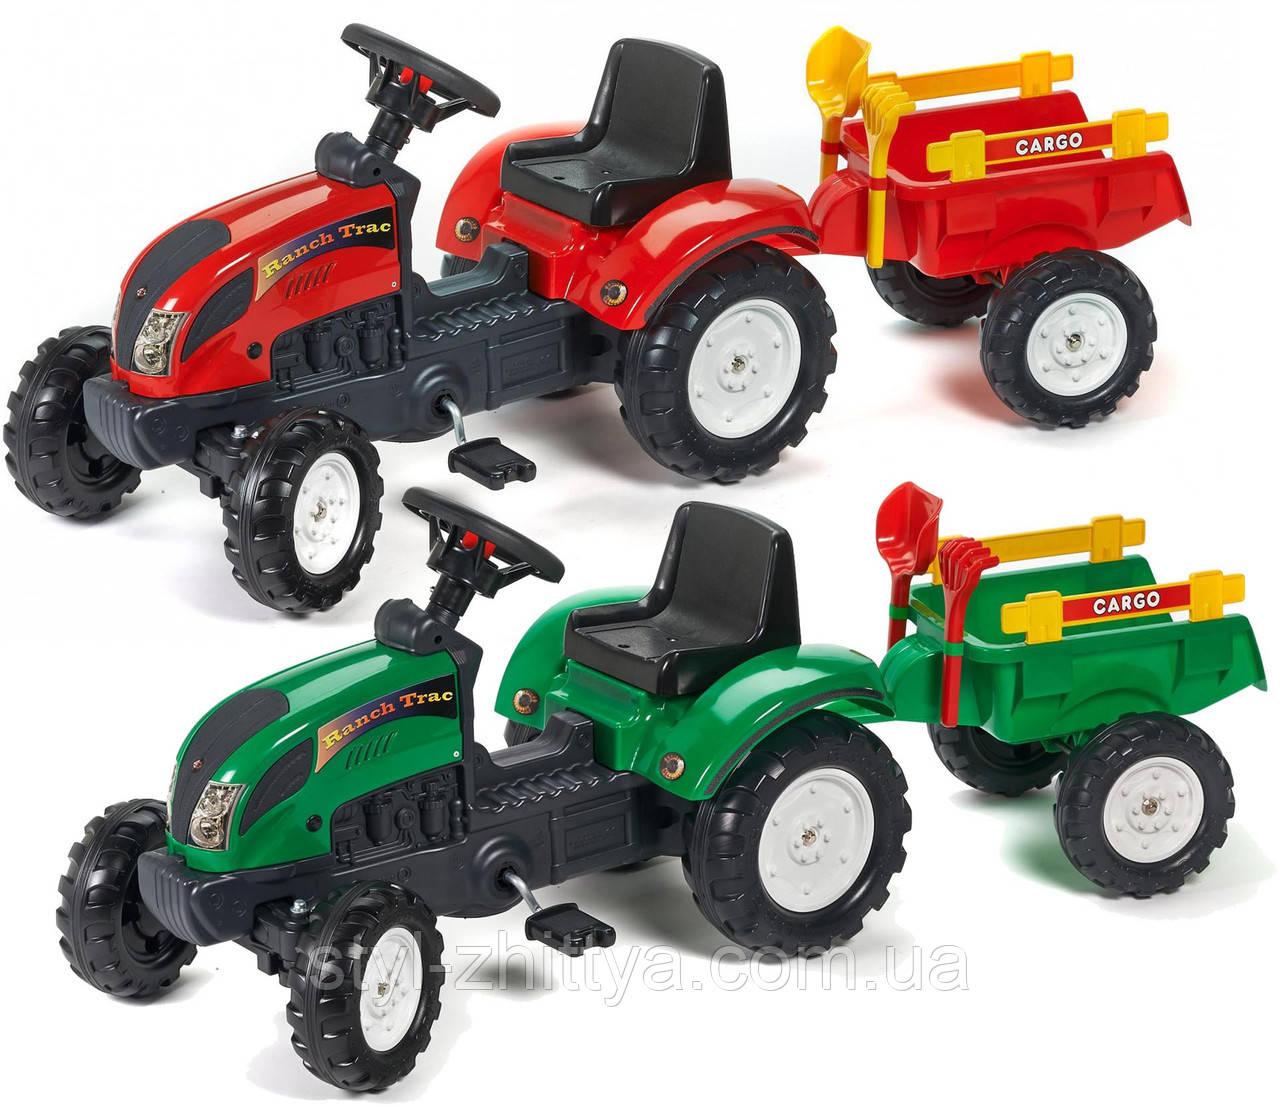 Трактор на педалі для дітей 2+ з причепом